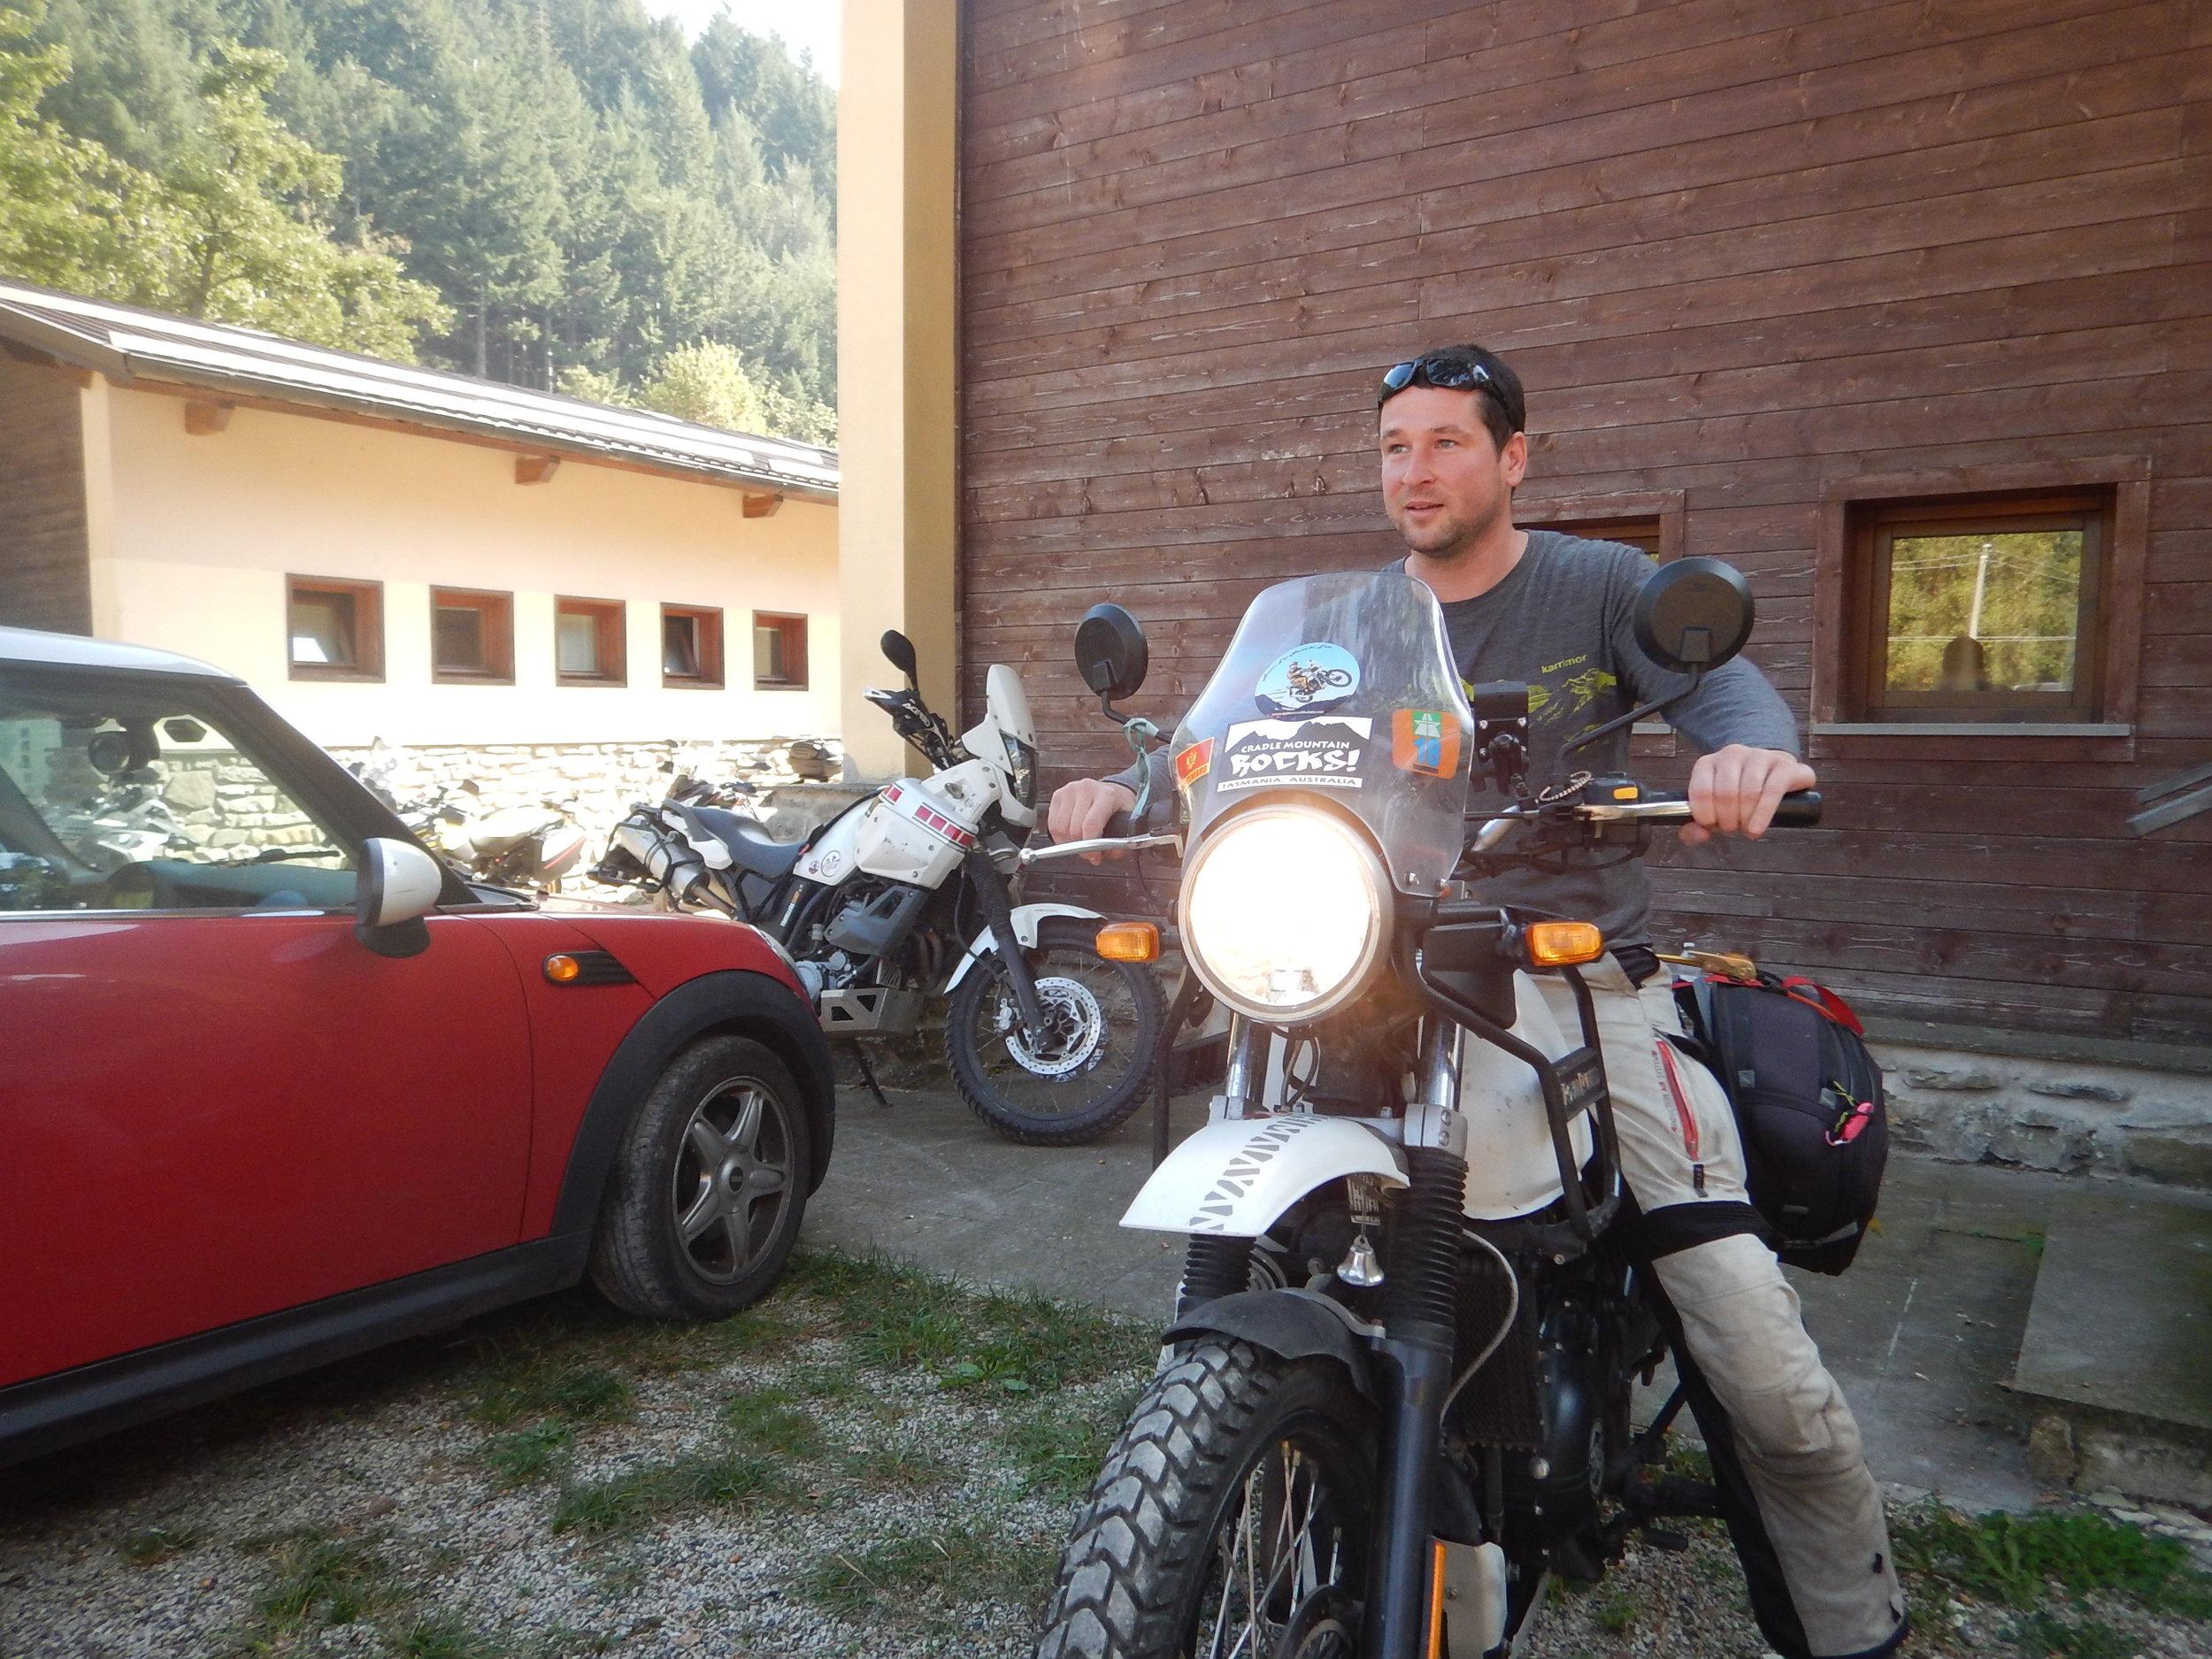 Dimitar on my bike in Italy, September 2018